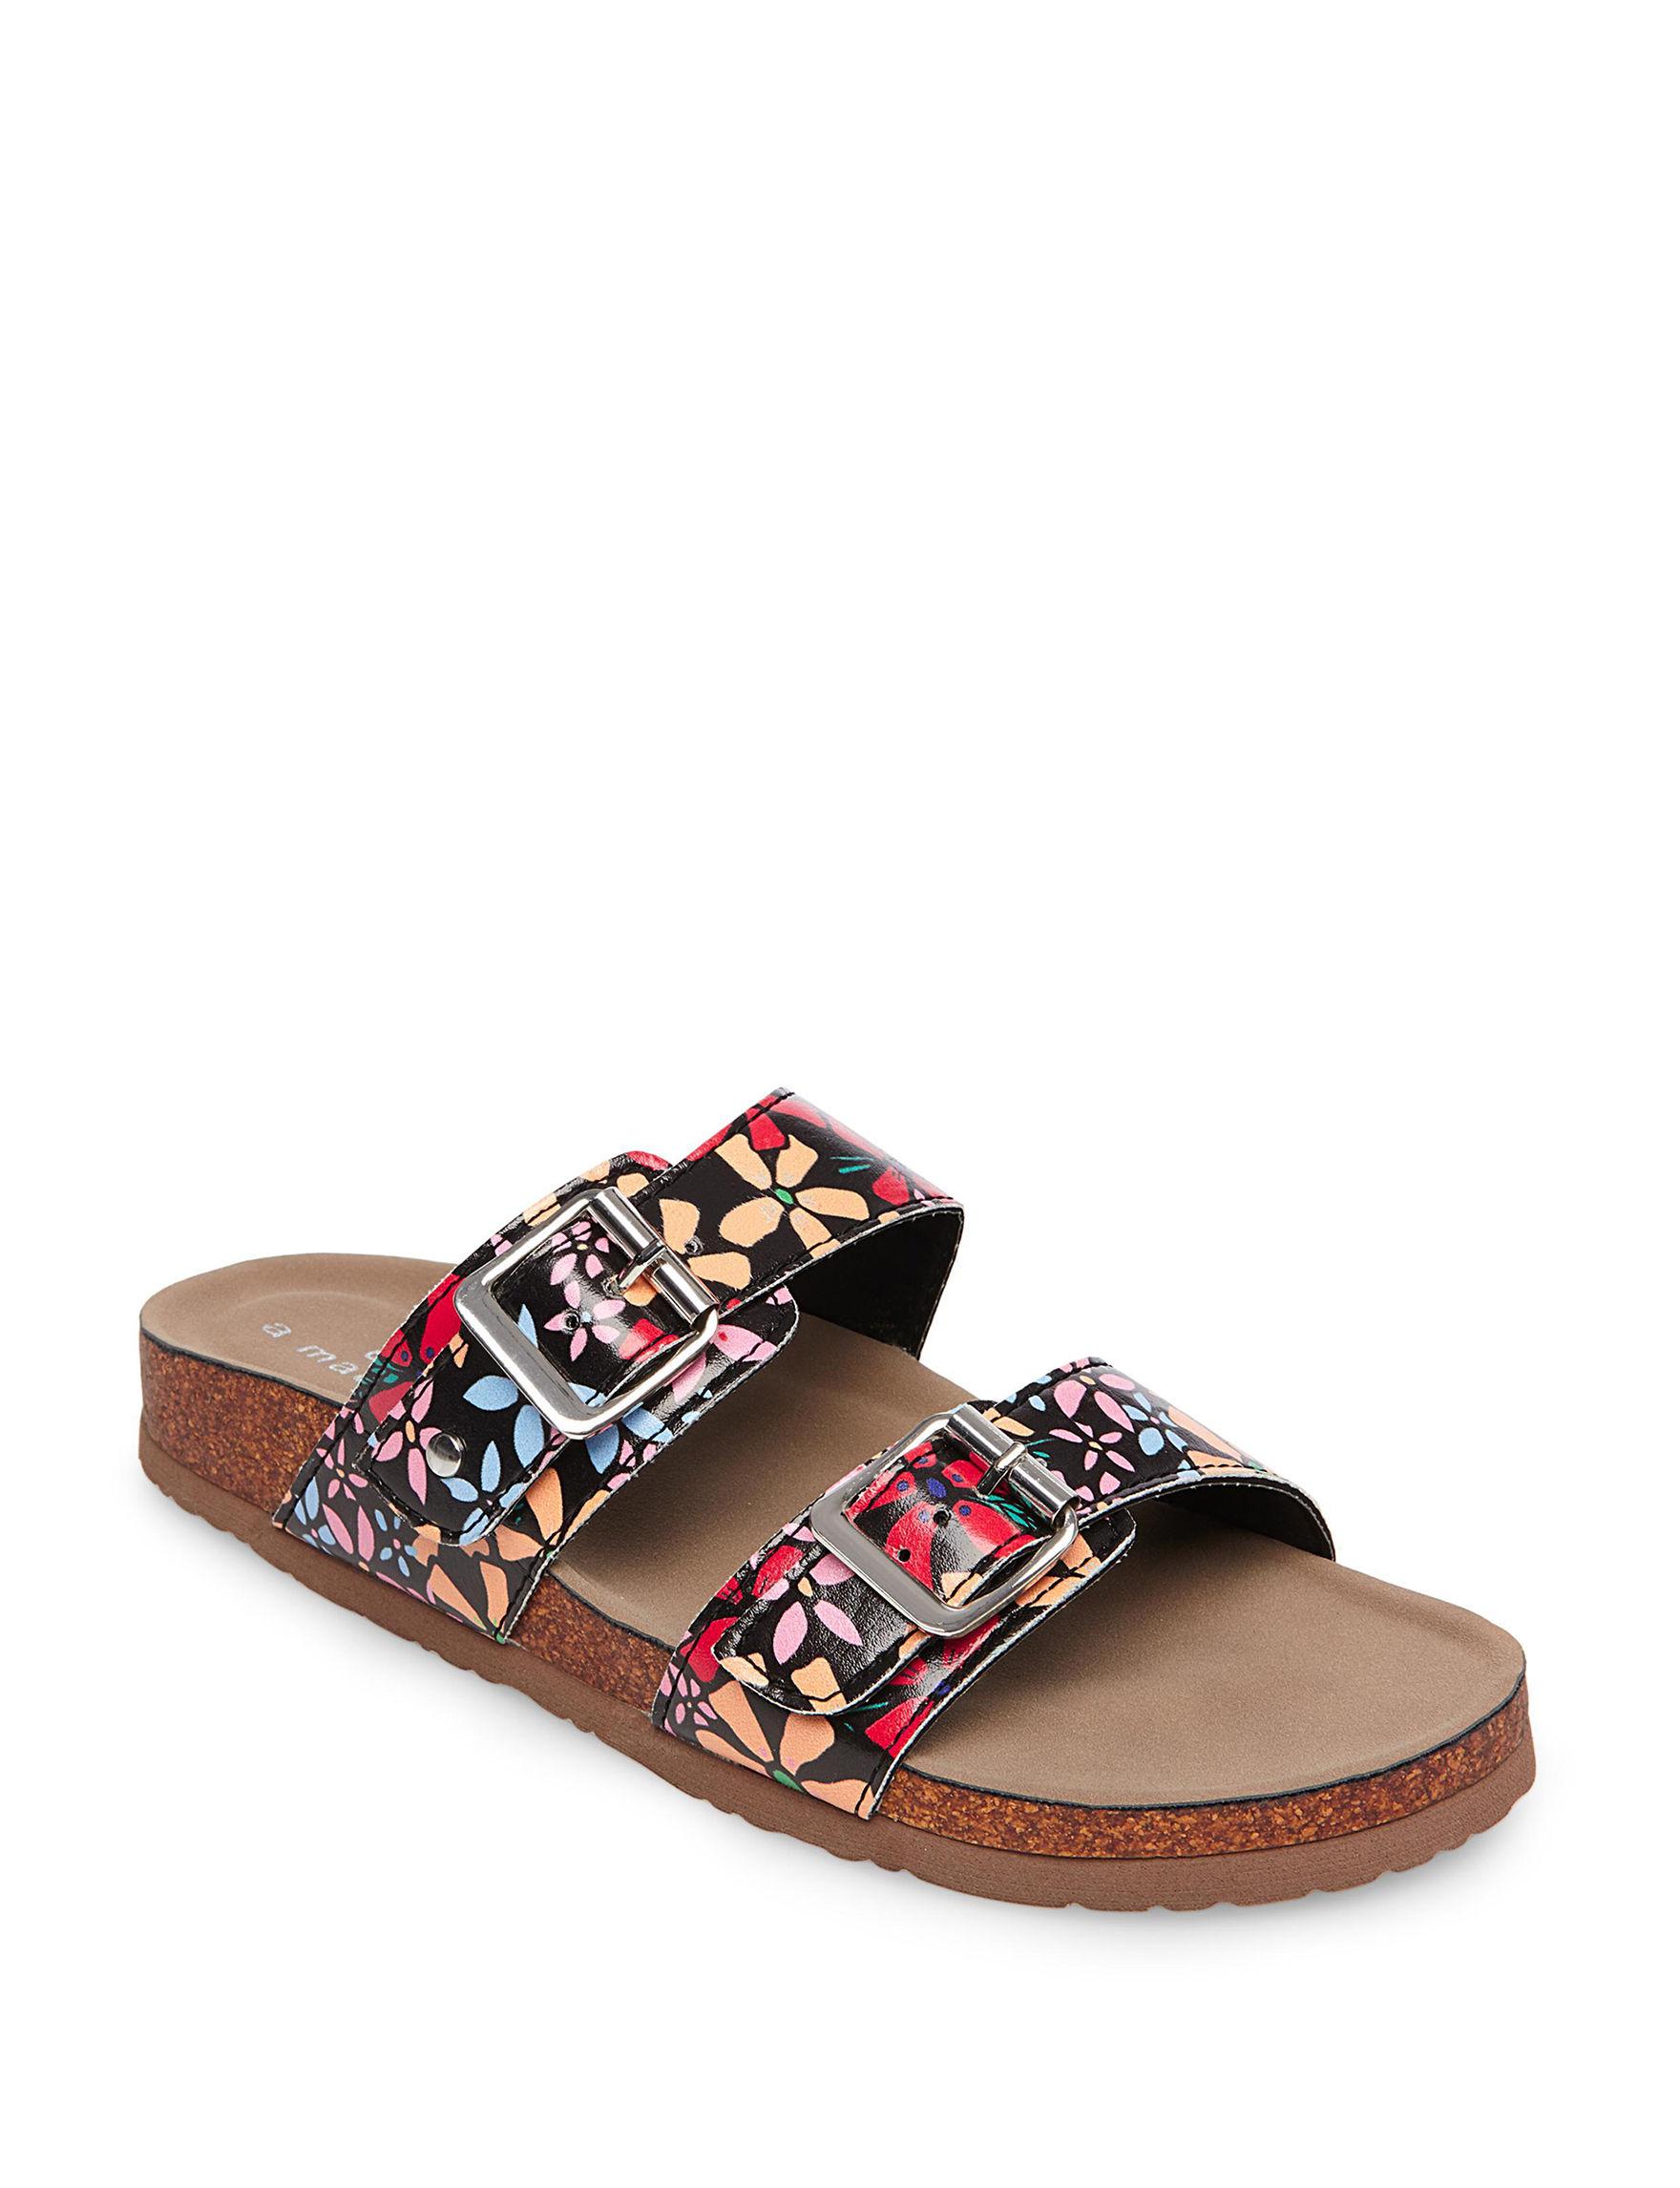 Madden Girl Black Multi Flat Sandals Slide Sandals